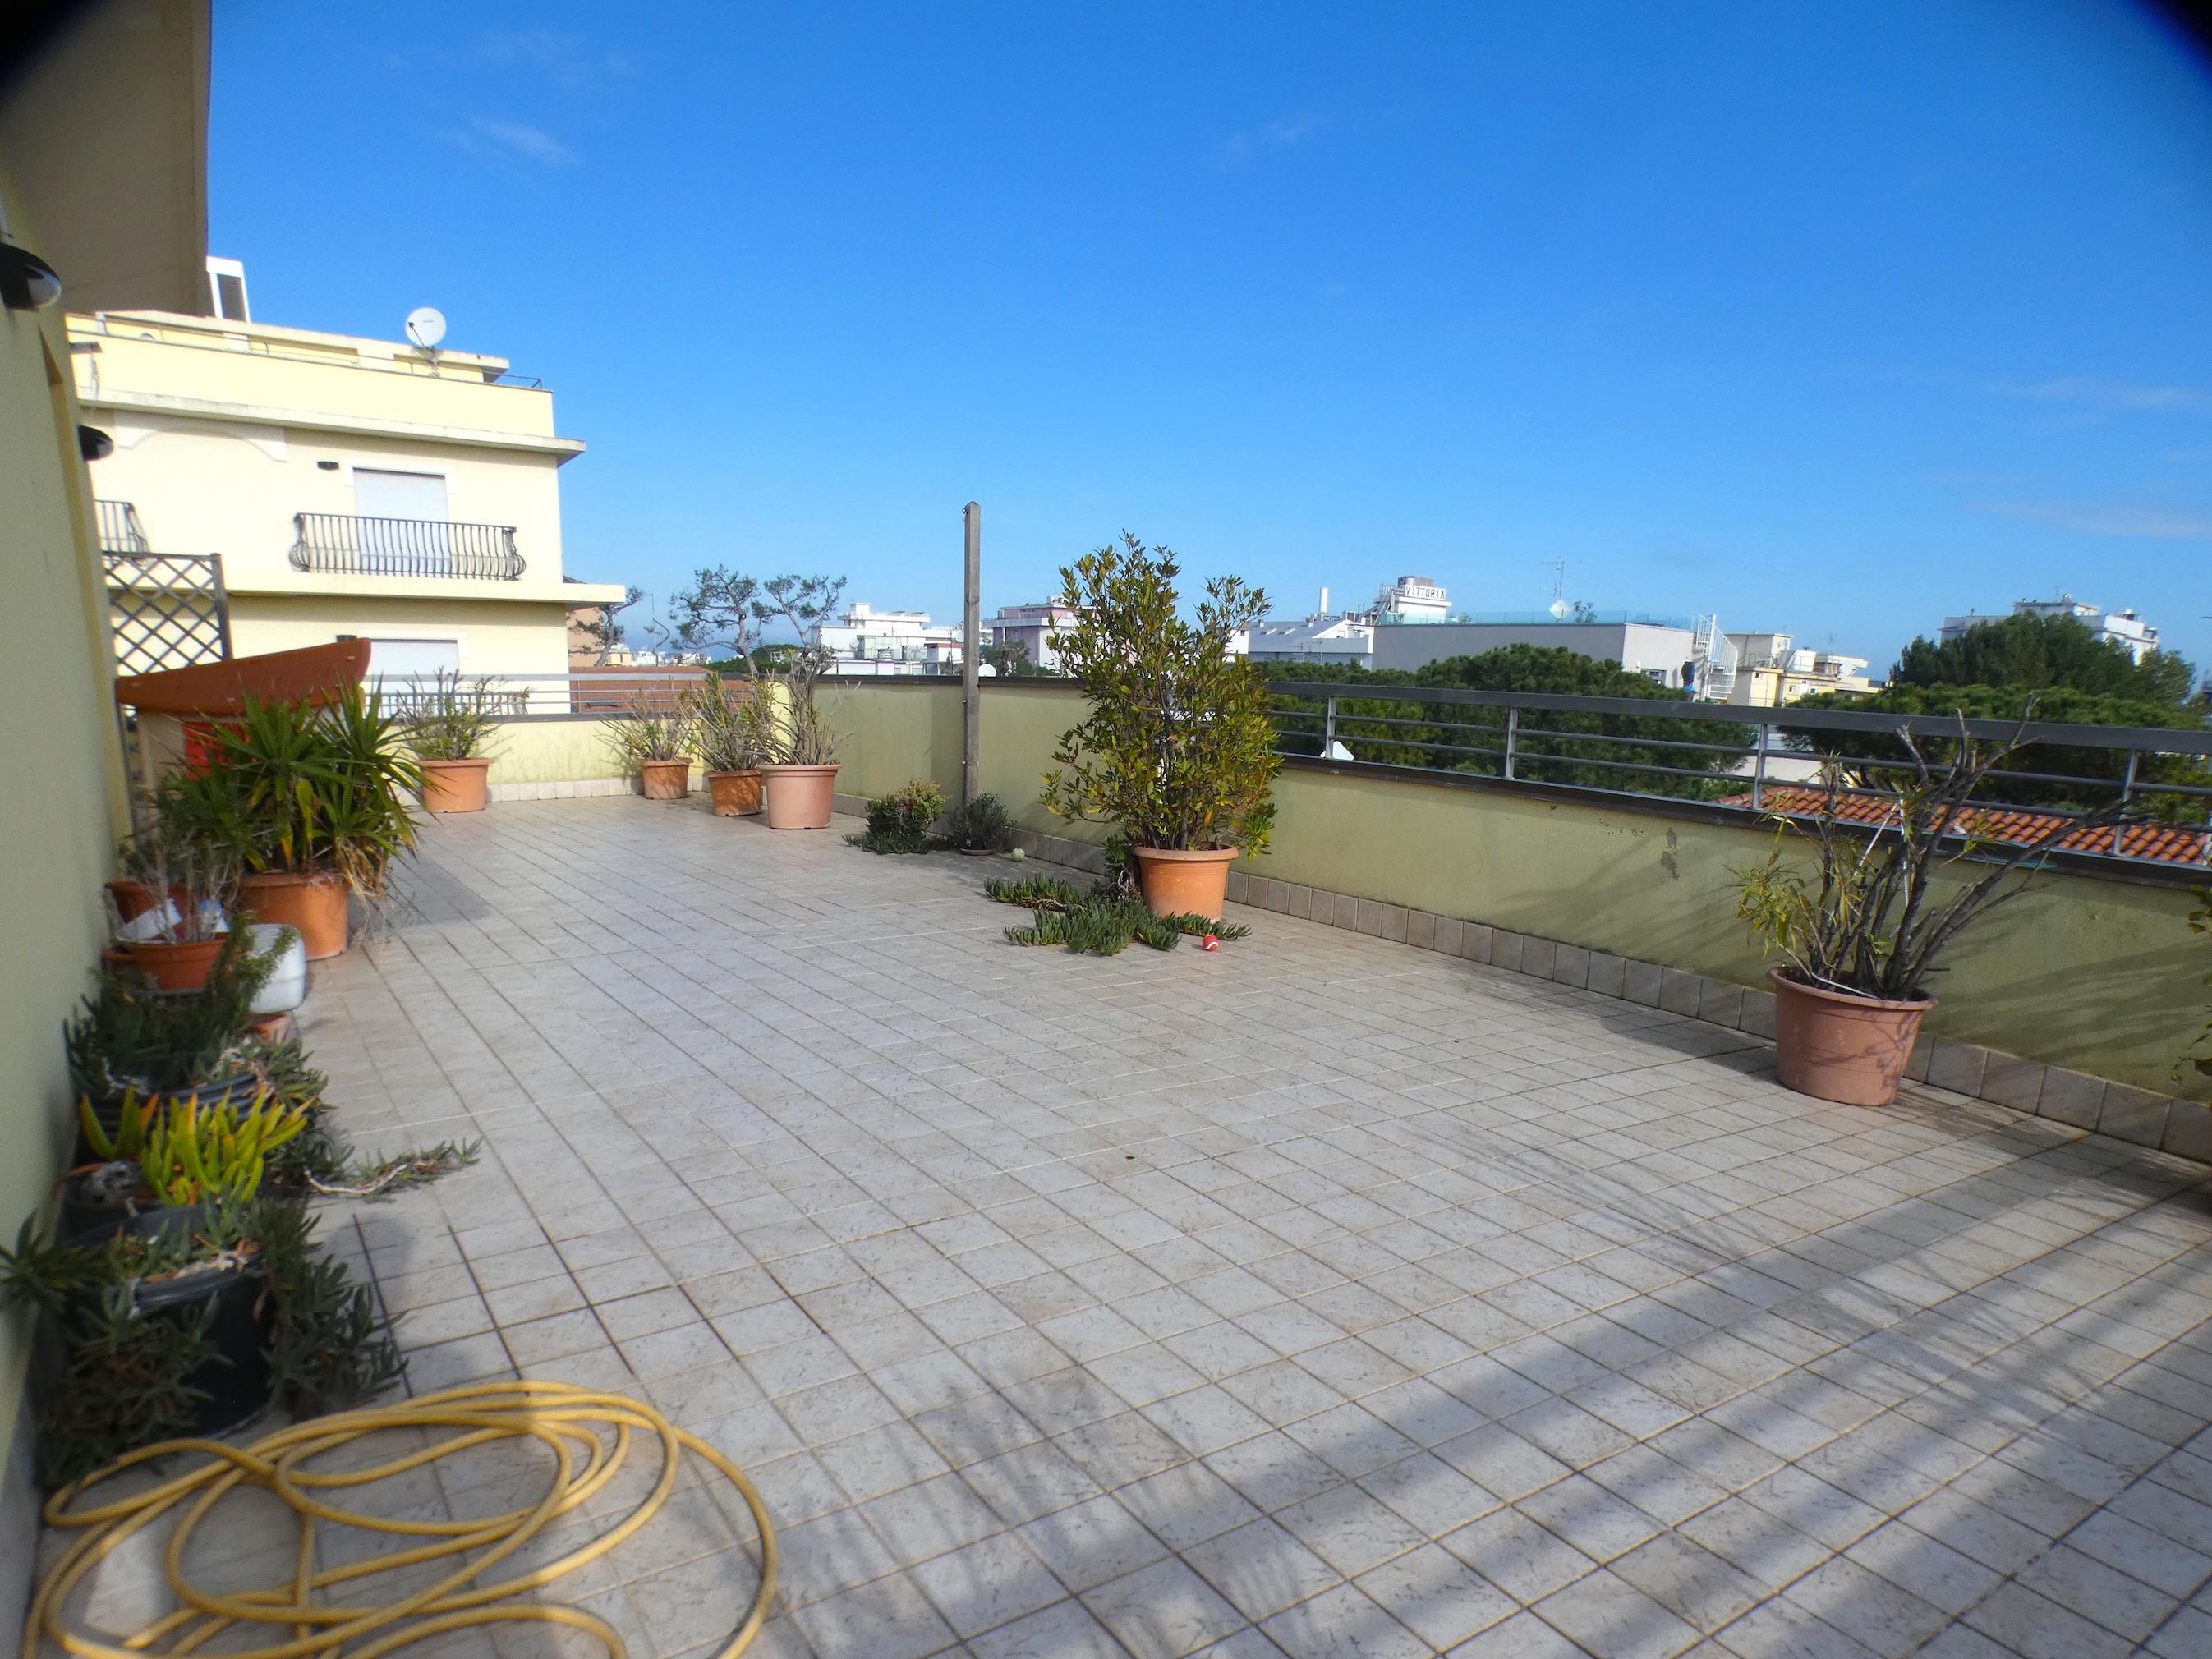 RICCIONE ALBA, attico su due livelli con terrazzo vista mare